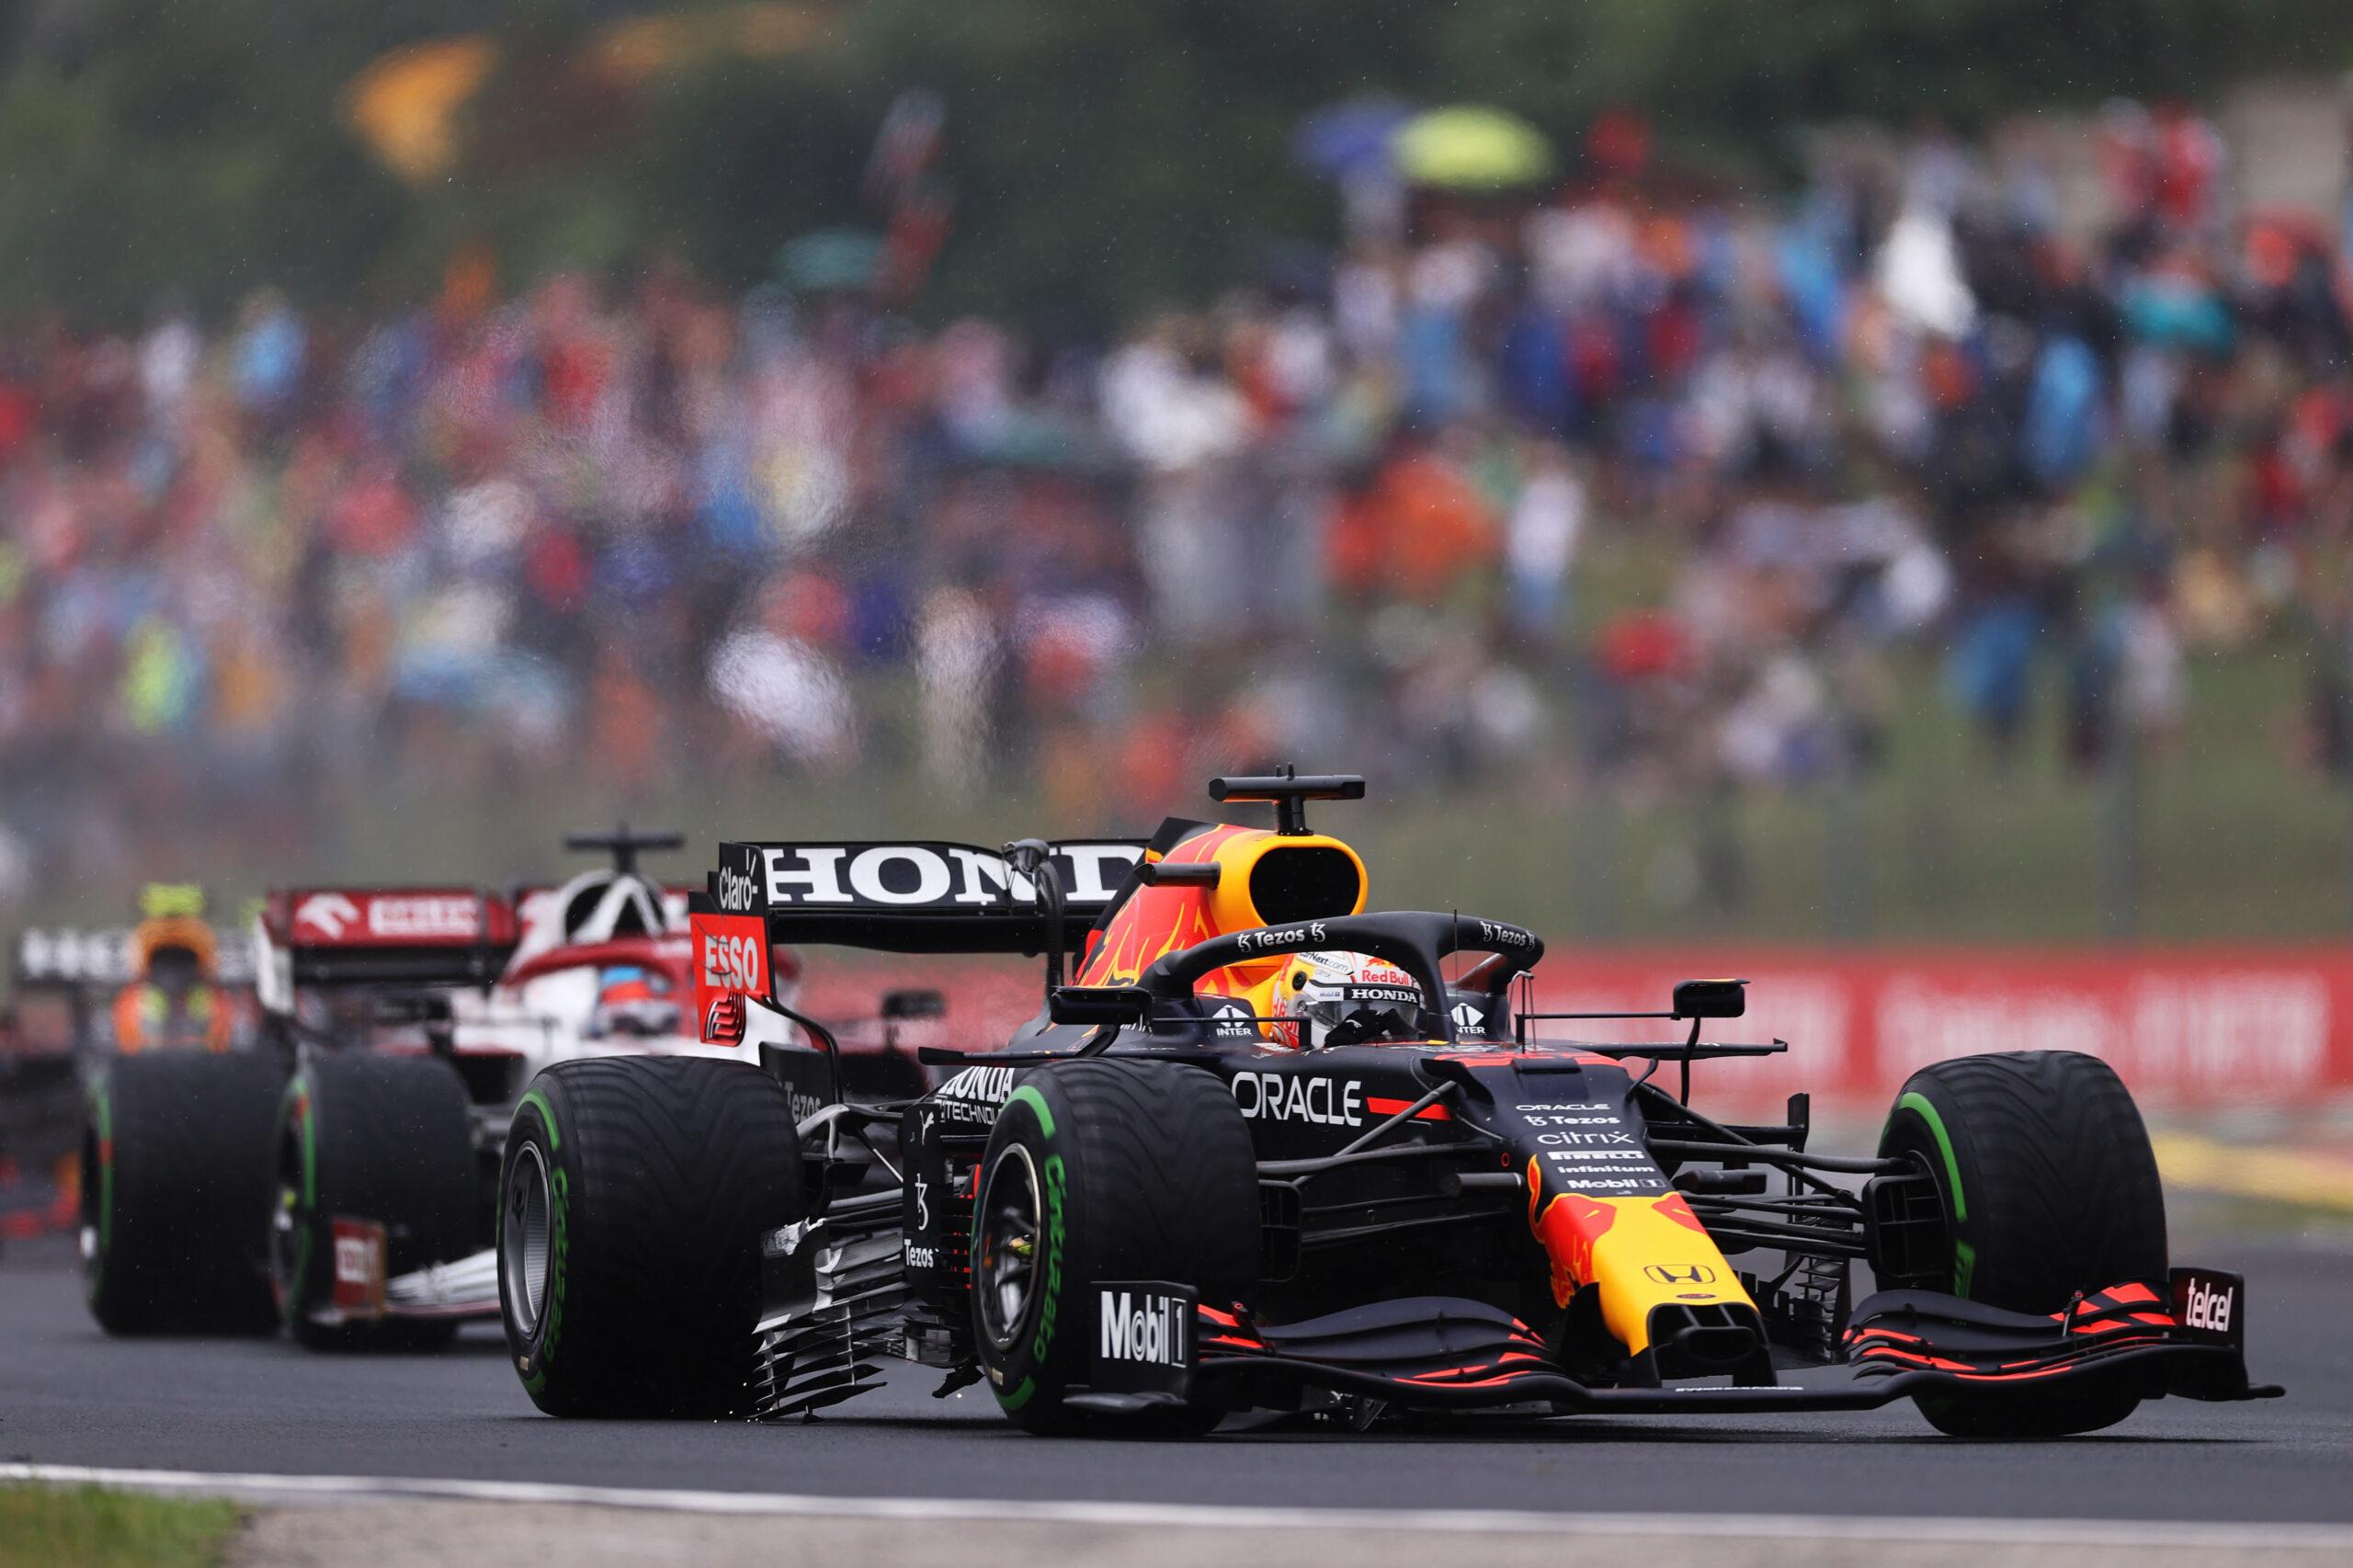 Hongaarse GP Feiten & Statistieken: Ocon pakt eerste F1-winst, Bottas kegelt Red Bull & McLaren uit de race.